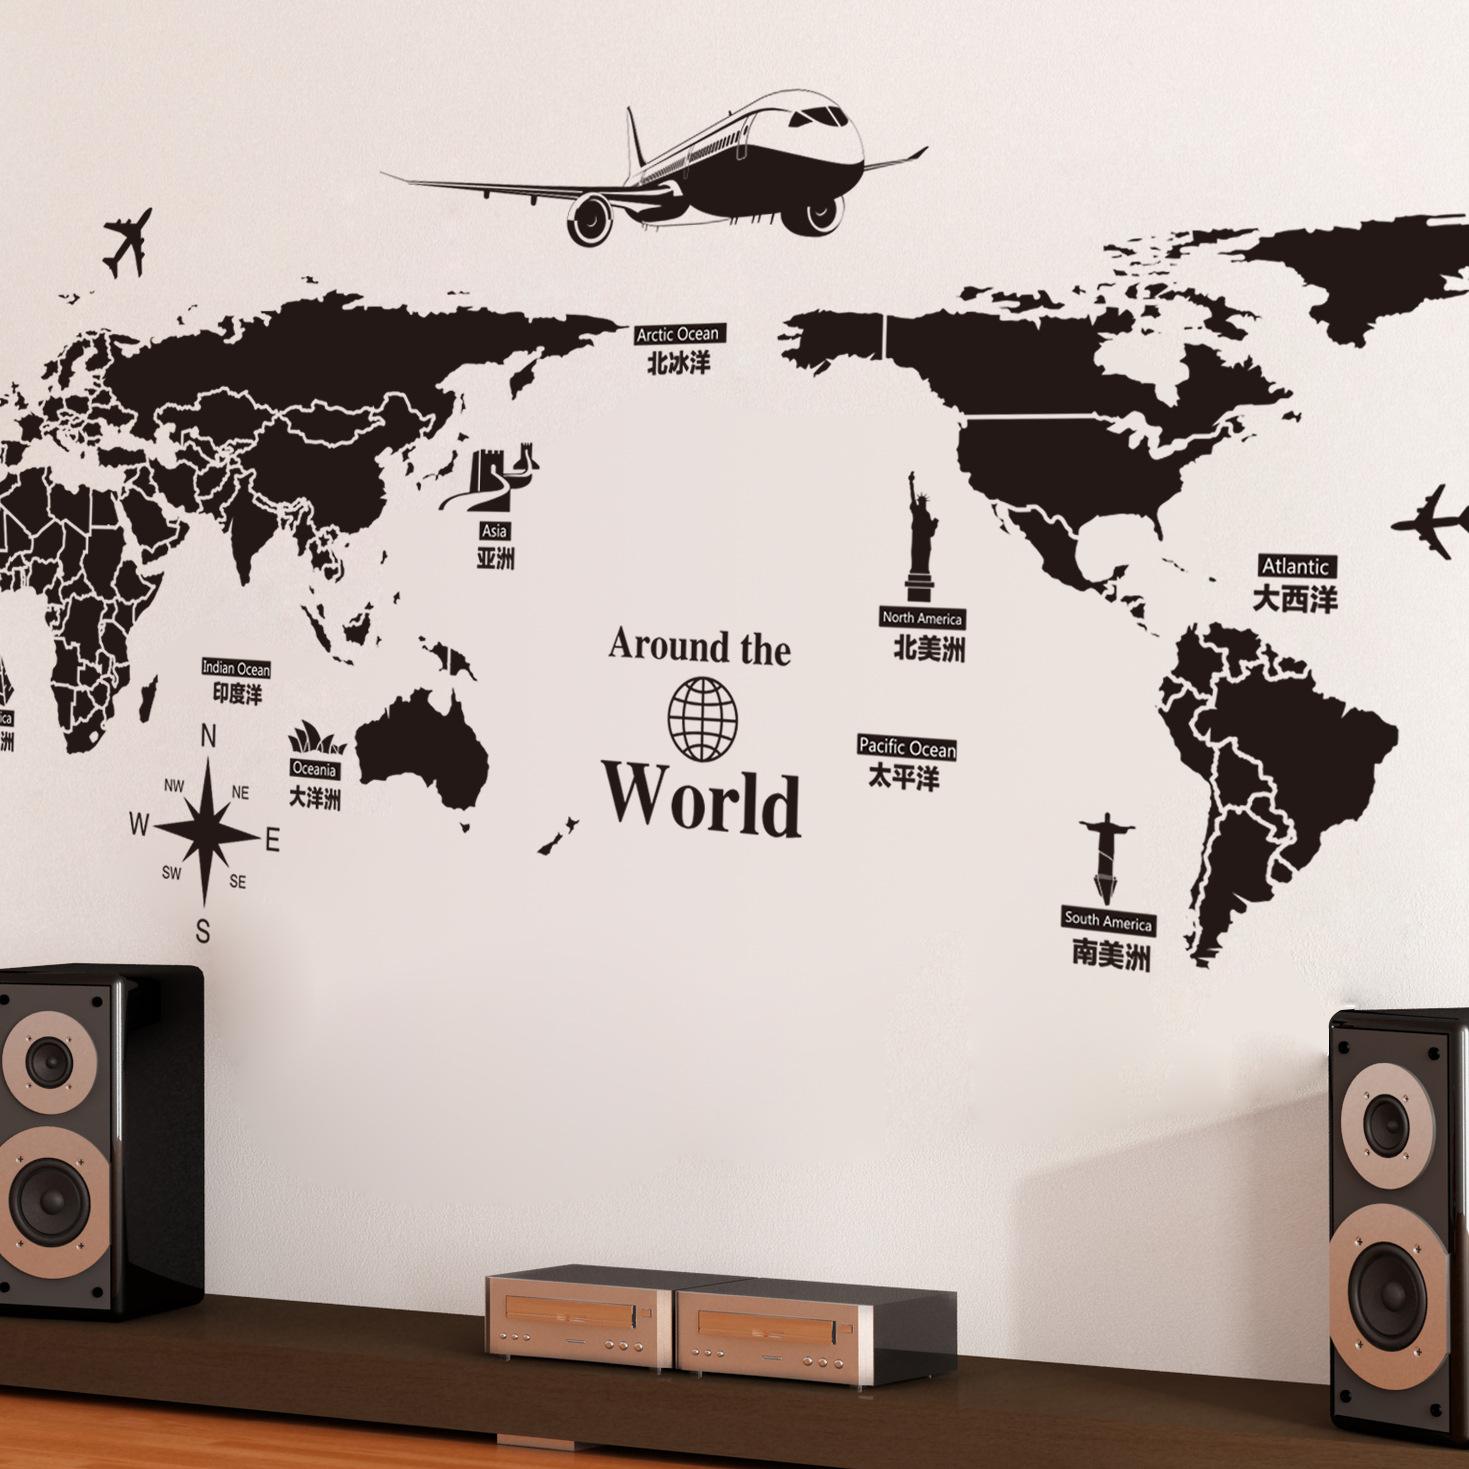 Карта мира наклейки на стены Съемная ПВХ карта мира Художественные наклейки для гостиной Home Decor - фото 1